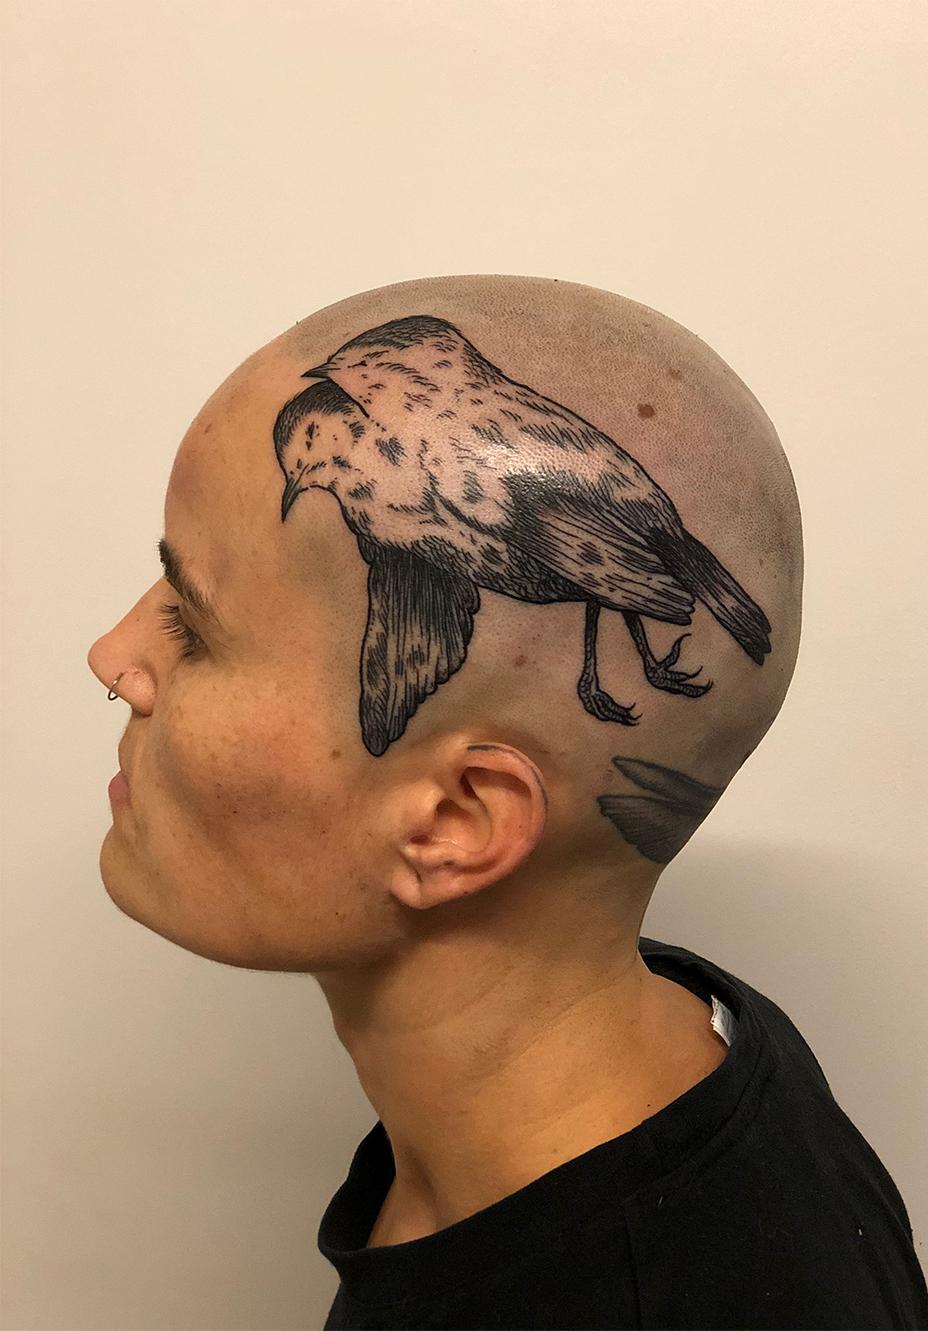 Head tattoo of a Bird